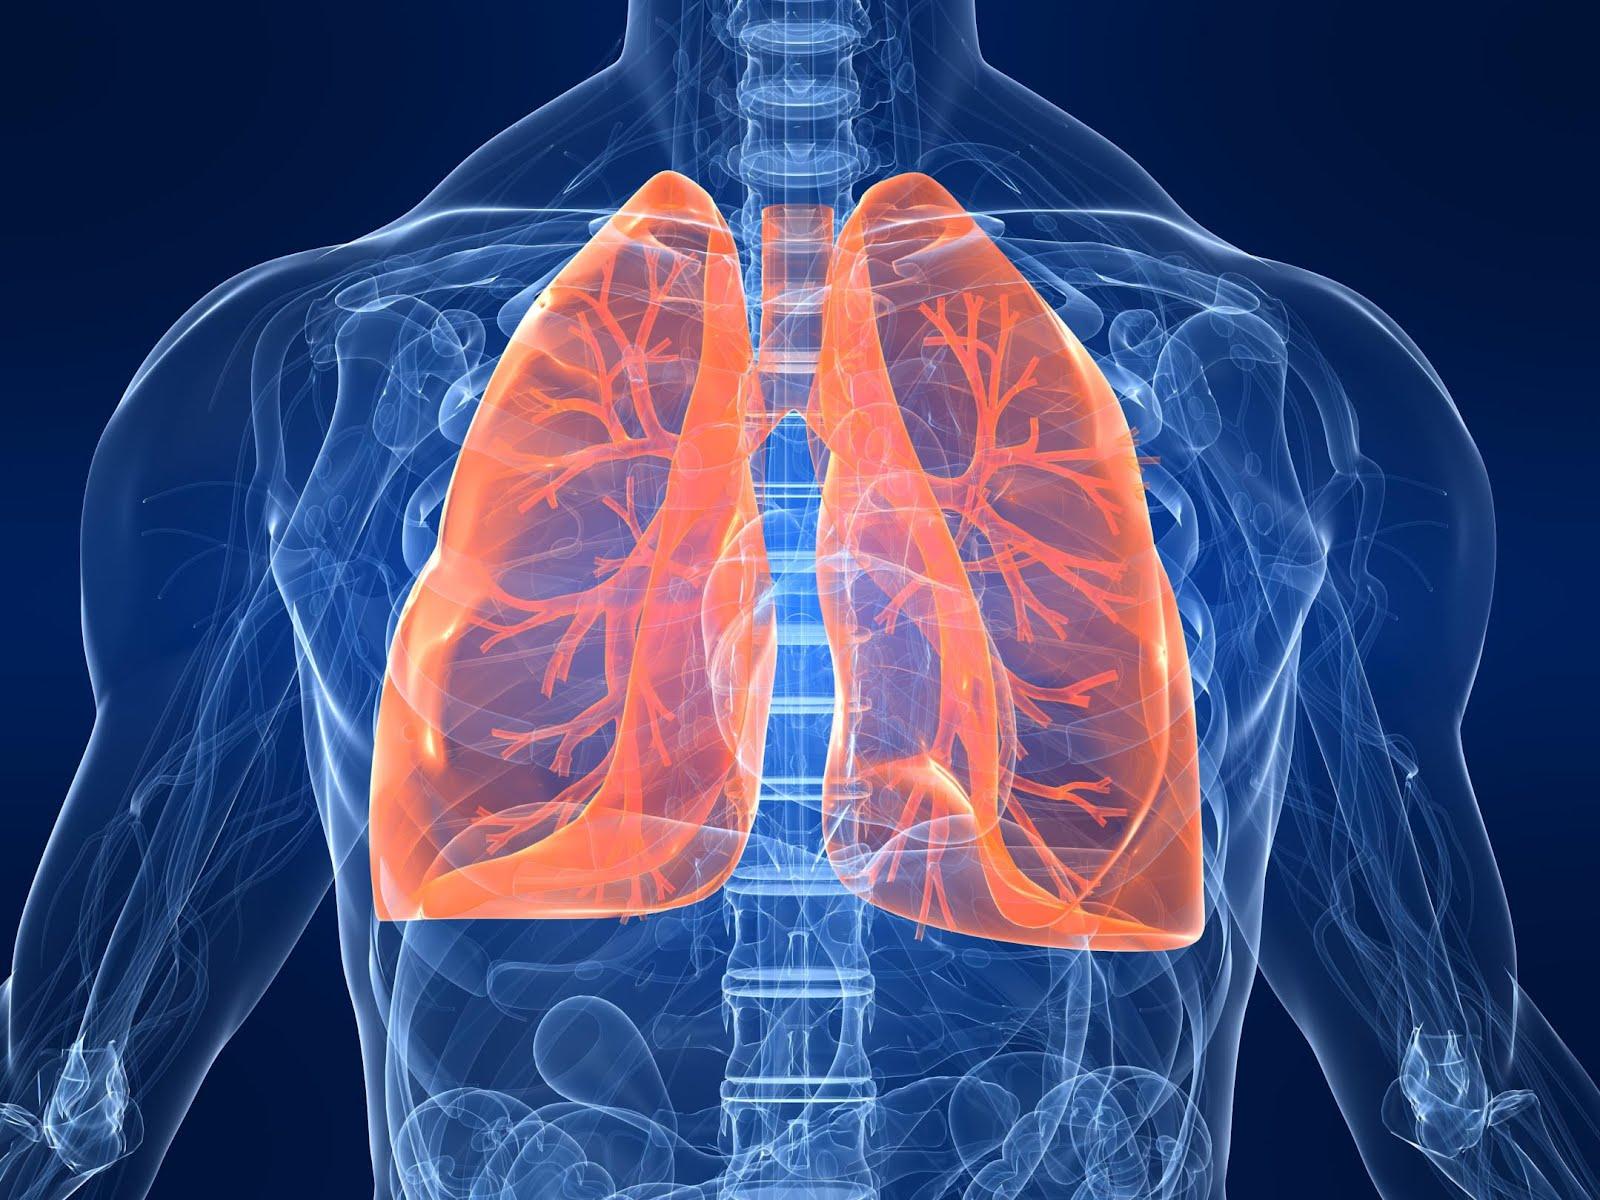 Лечение хронической обструктивной болезни лёгких  препаратом Онбрез Бризхалер